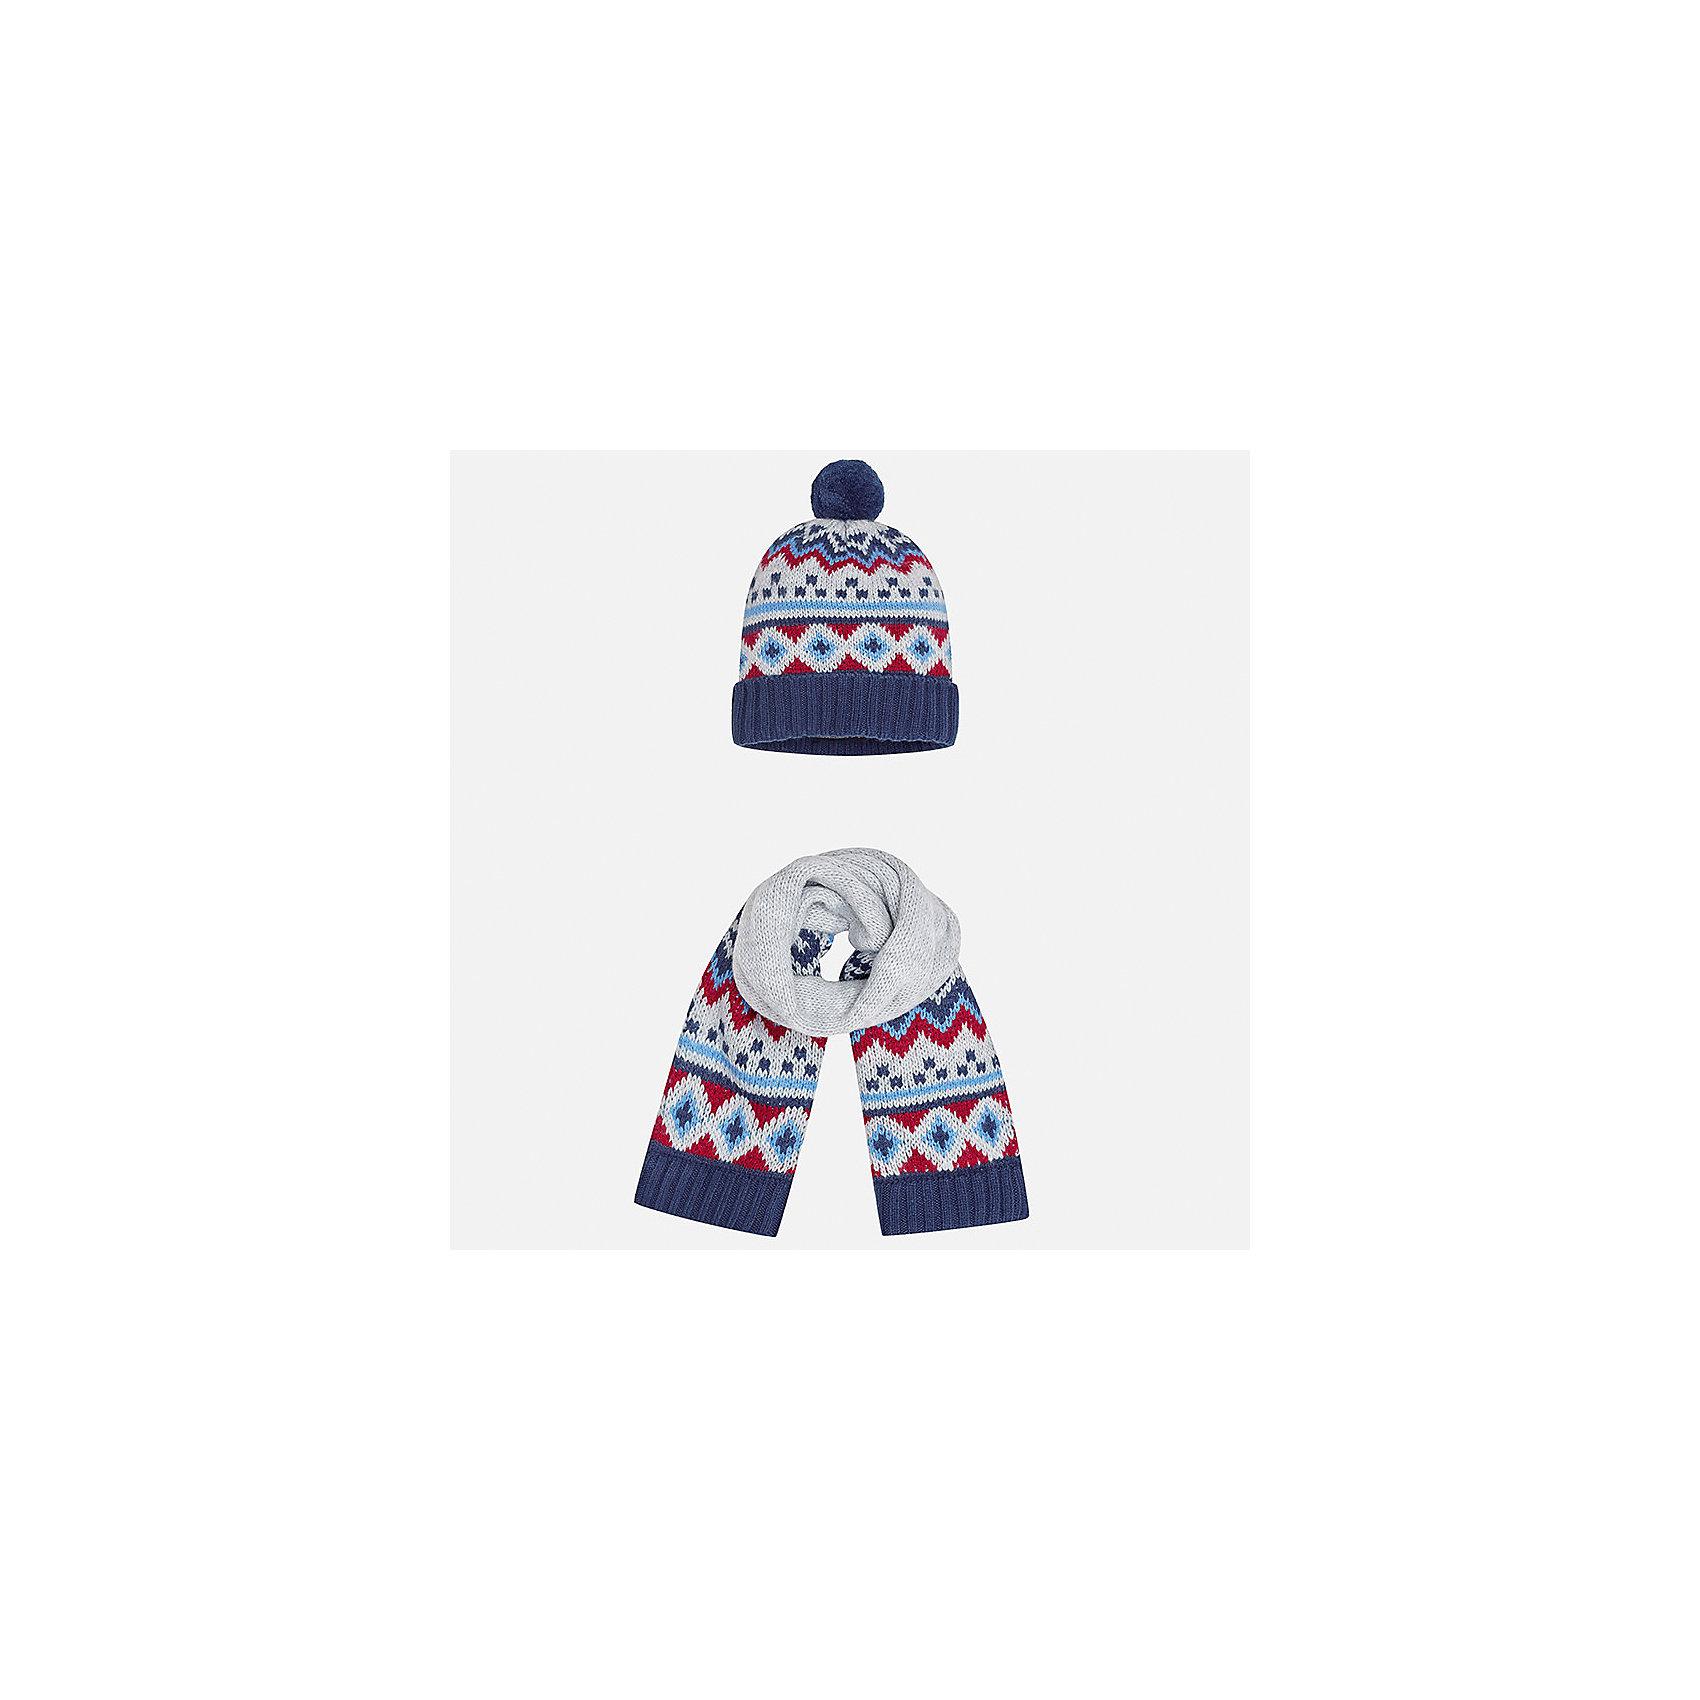 Комплект: шапка и шарф Mayoral для мальчикаШарфы, платки<br>Характеристики товара:<br><br>• цвет: сине-серый<br>• состав ткани: 85% акрил, 15% шерсть<br>• сезон: демисезон<br>• комплектация: шапка, шарф<br>• страна бренда: Испания<br>• страна изготовитель: Индия<br><br>Модный комплект - вязаные шапка и шарф для мальчика от популярного бренда Mayoral - отличается декором в виде вязаного узора. Детский демисезонный набор смотрится аккуратно и стильно. В детской демисезонной одежде от испанской компании Майорал ребенок будет выглядеть модно, а чувствовать себя - комфортно. Целая команда европейских талантливых дизайнеров работала над созданием этой шапки и шарфа для ребенка. <br><br>Комплект: шапка и шарф для мальчика Mayoral (Майорал) можно купить в нашем интернет-магазине.<br><br>Ширина мм: 89<br>Глубина мм: 117<br>Высота мм: 44<br>Вес г: 155<br>Цвет: сине-серый<br>Возраст от месяцев: 12<br>Возраст до месяцев: 18<br>Пол: Мужской<br>Возраст: Детский<br>Размер: one size<br>SKU: 6939070